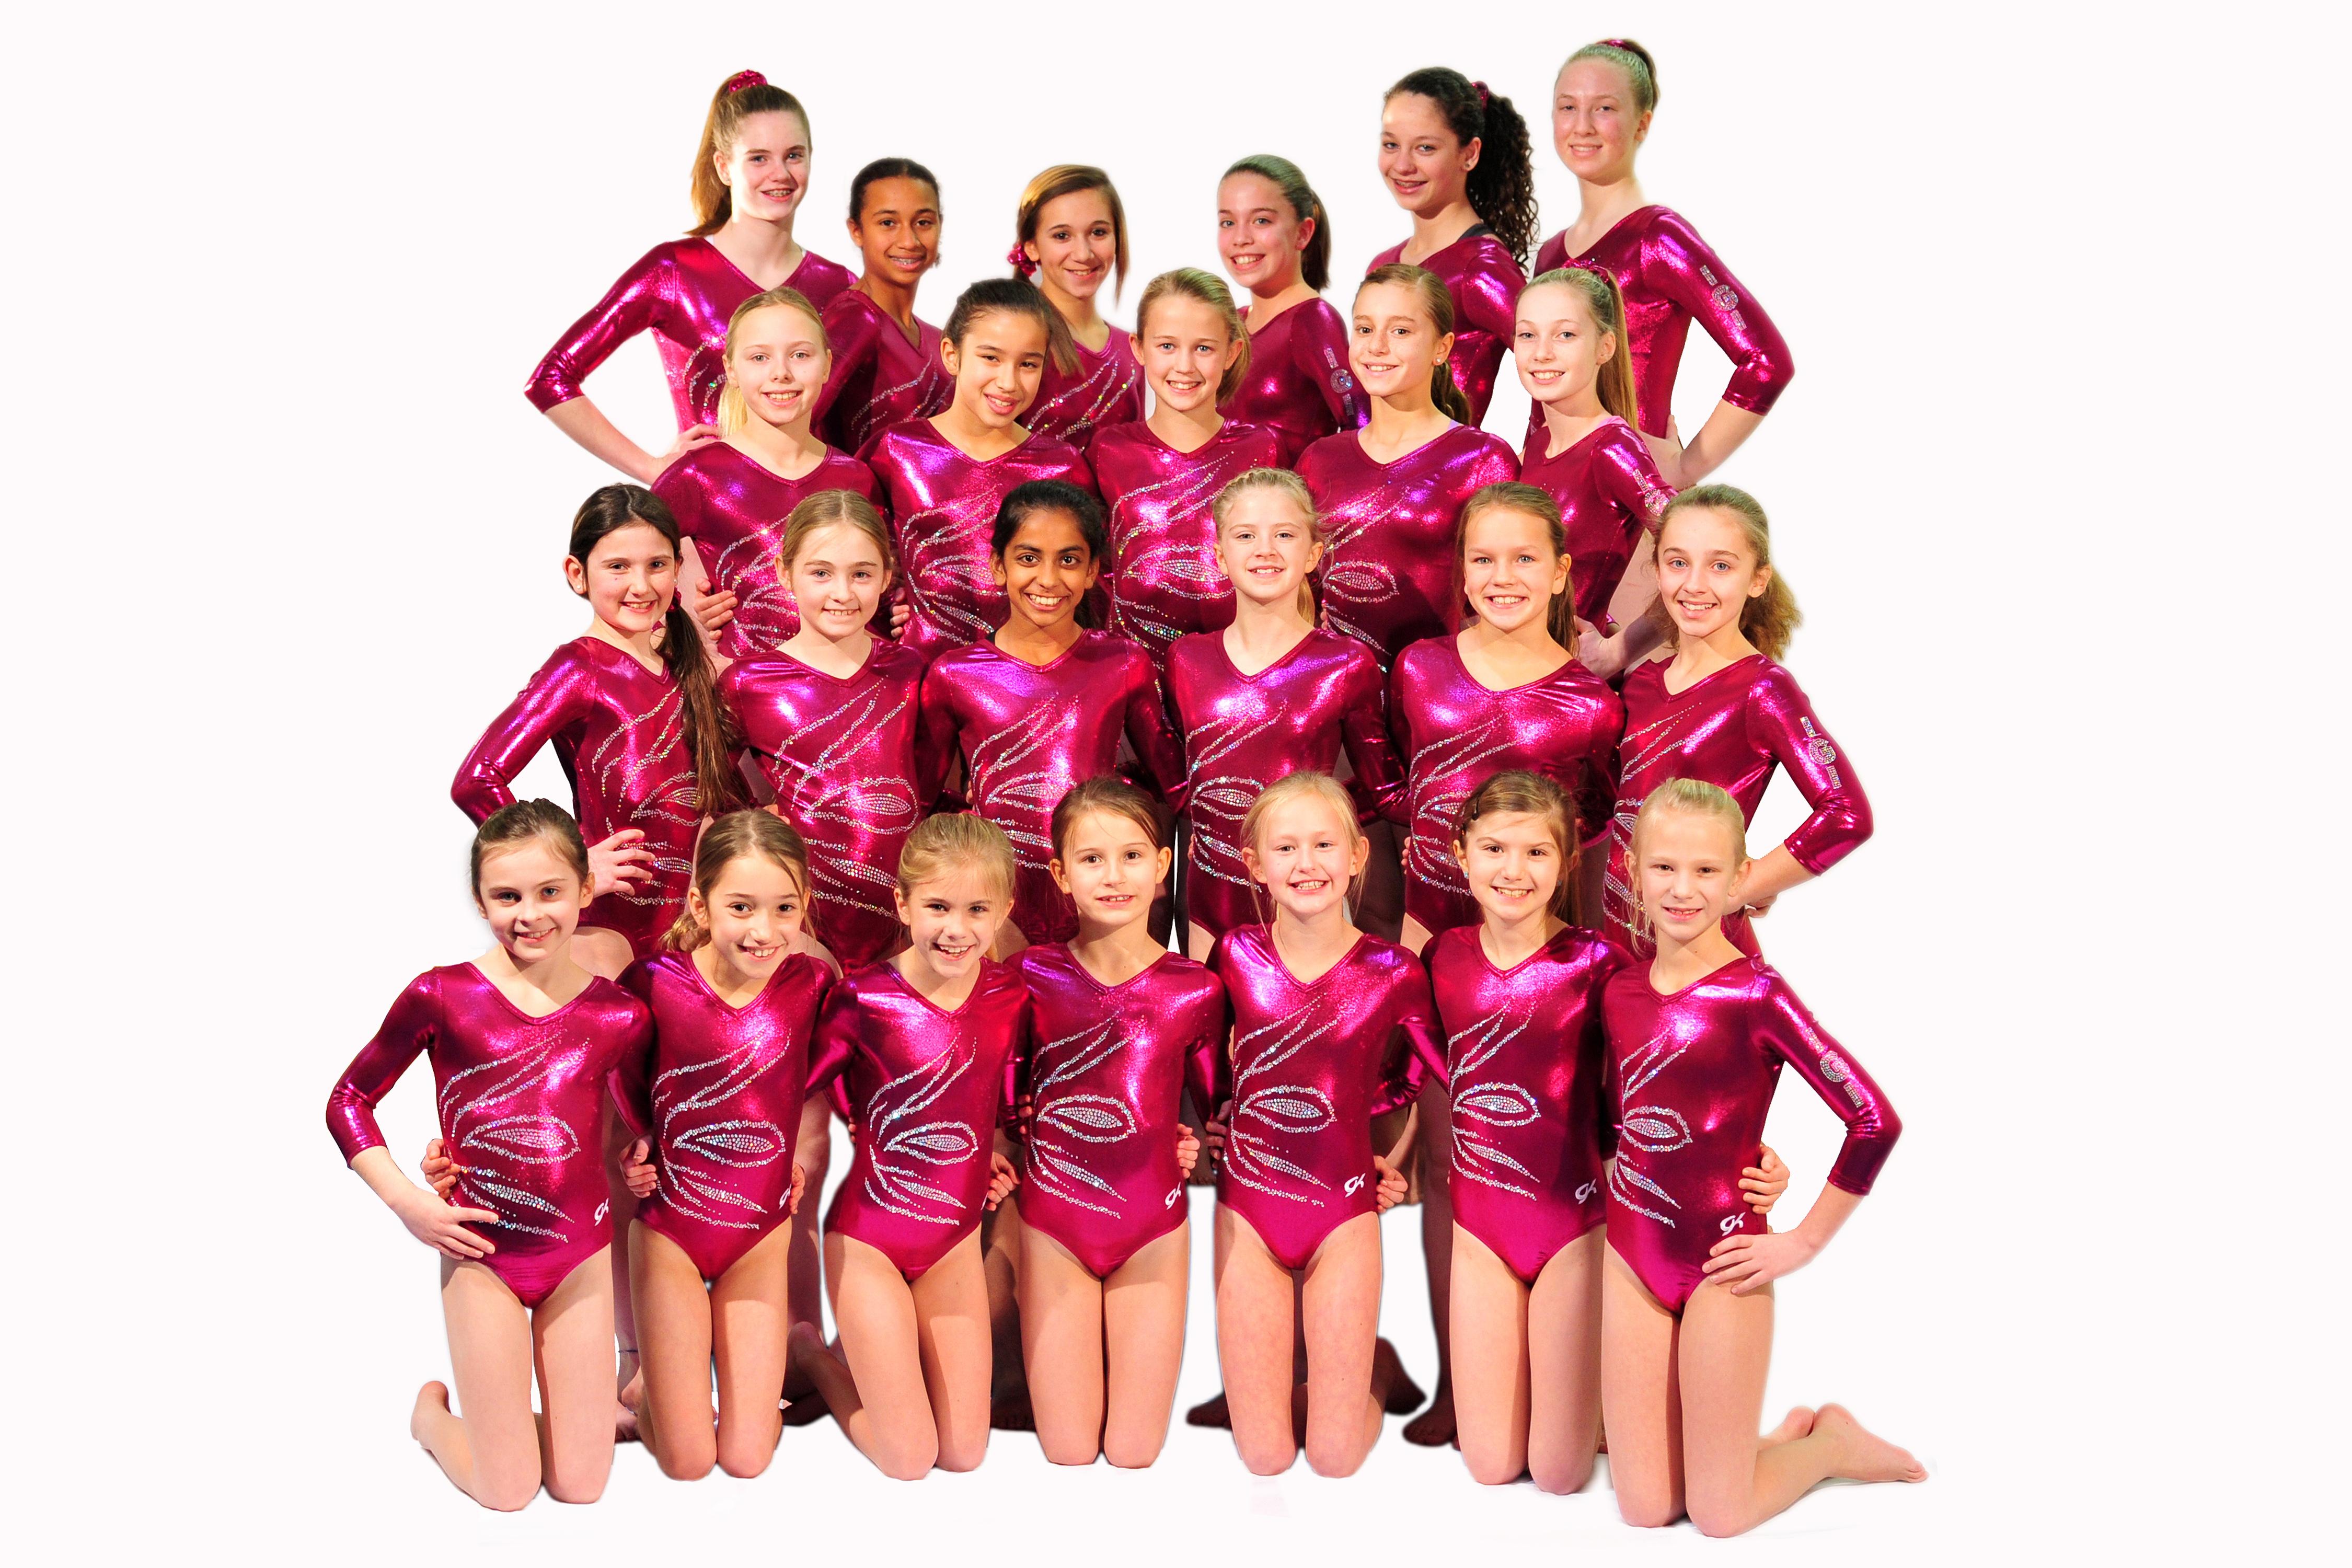 chicago style gymnastics meet 2013 schedule